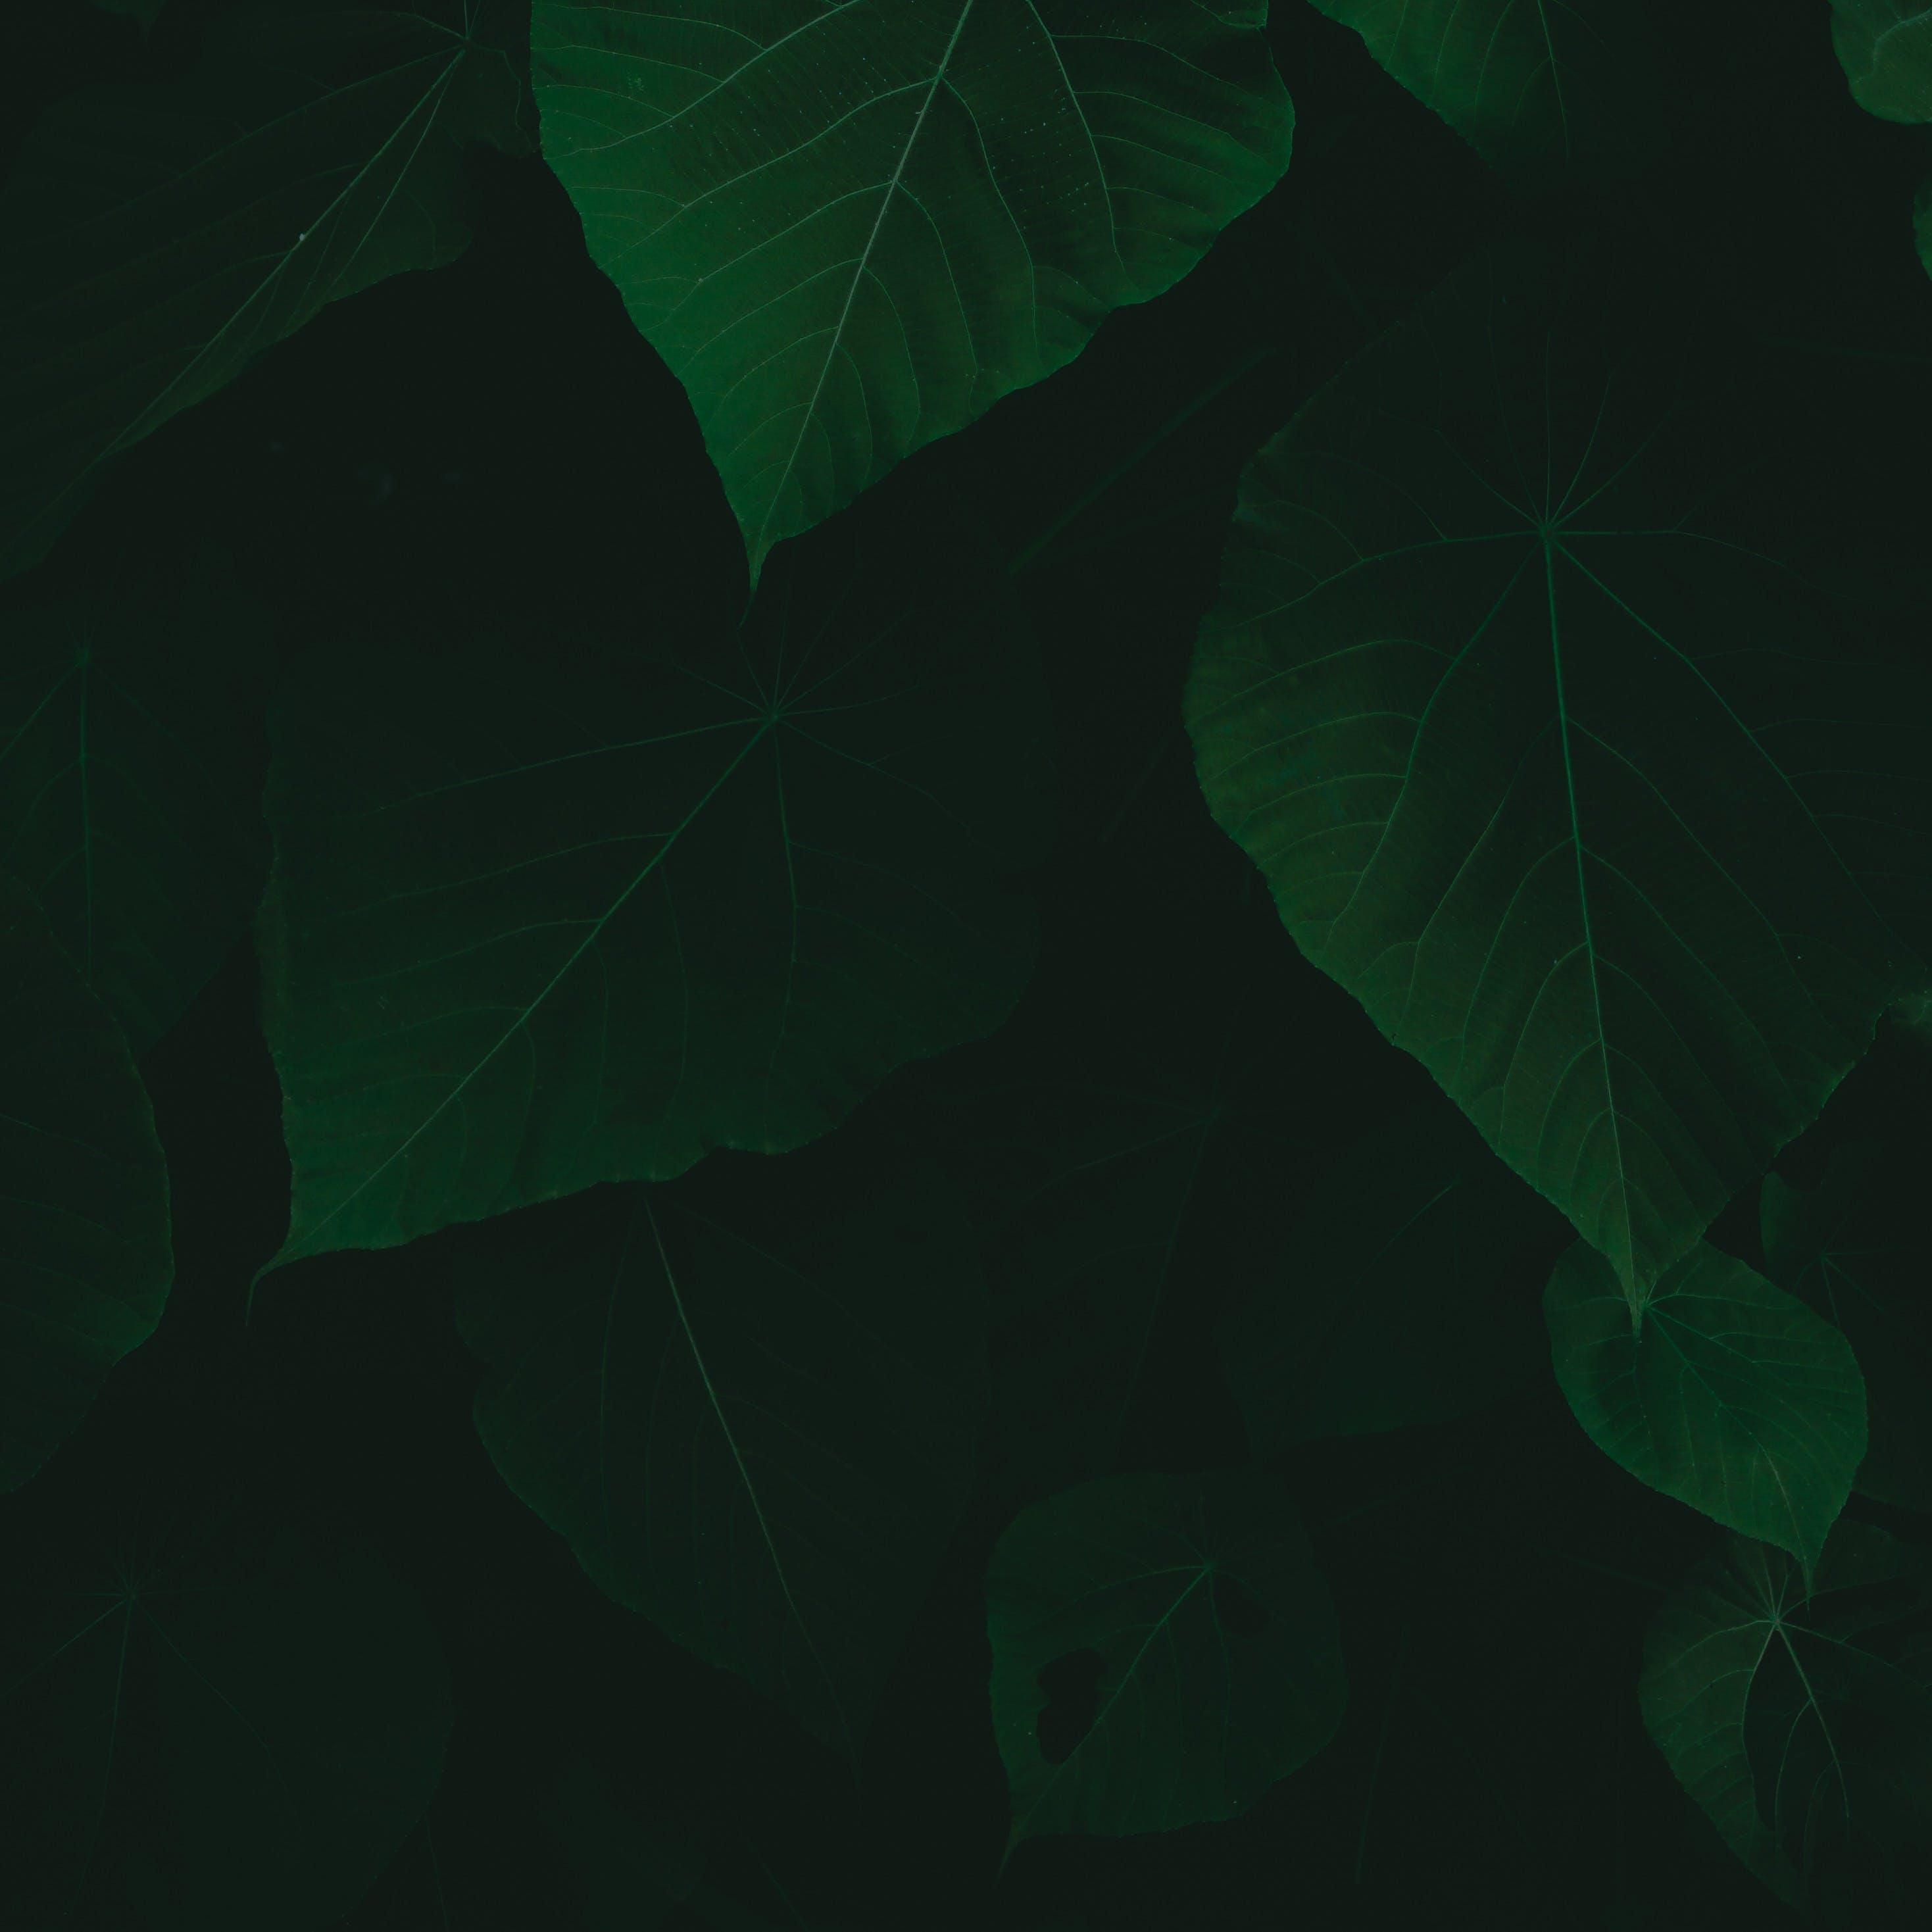 Gratis arkivbilde med frodig, løvverk, miljø, mørk